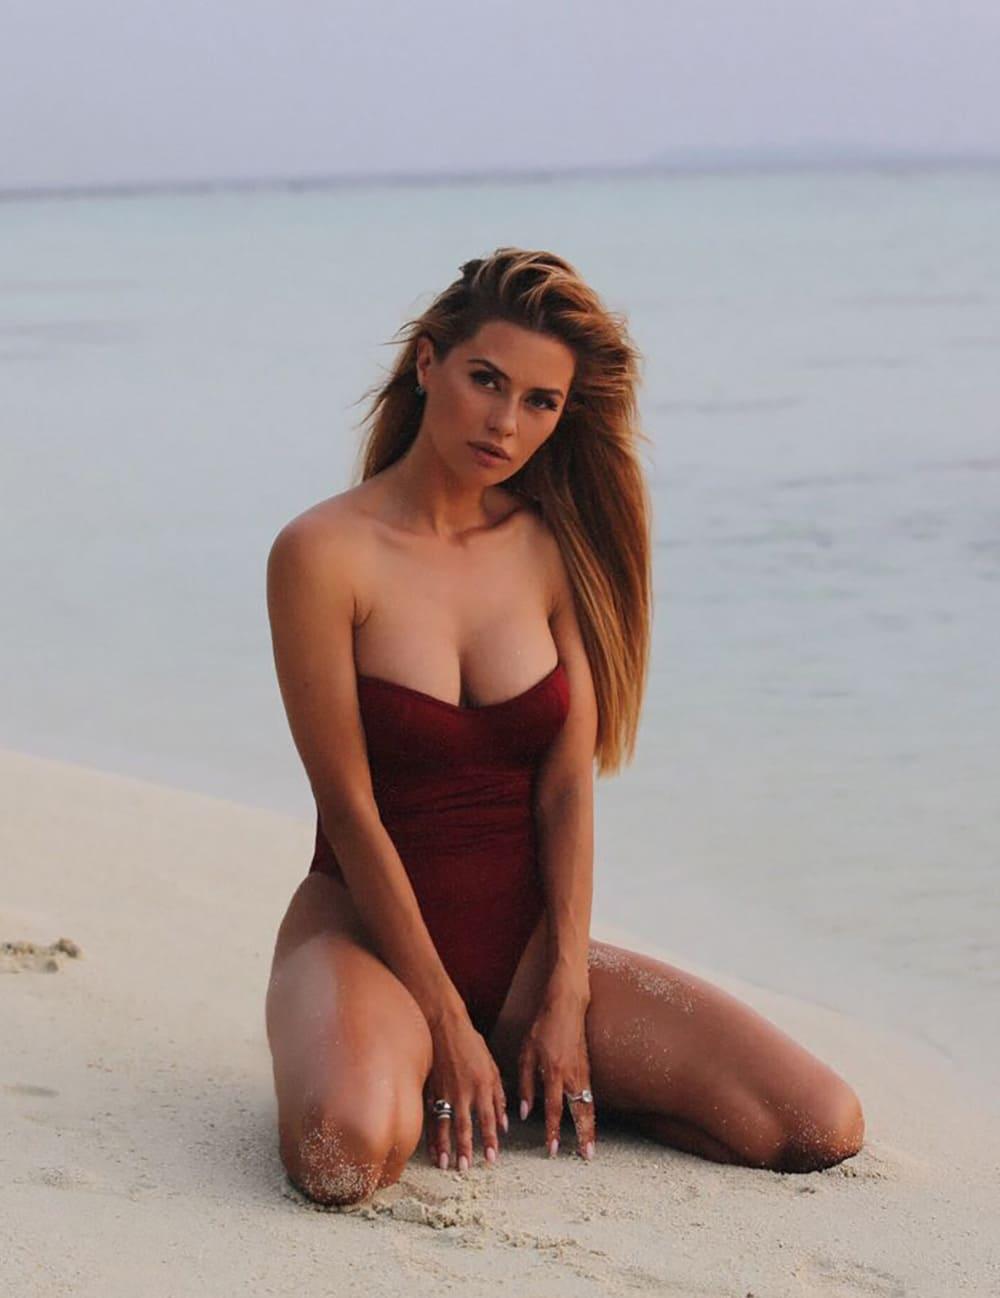 Виктория Боня горячие в закрытом купальнике с глубоким декольте сидит на песке на коленях